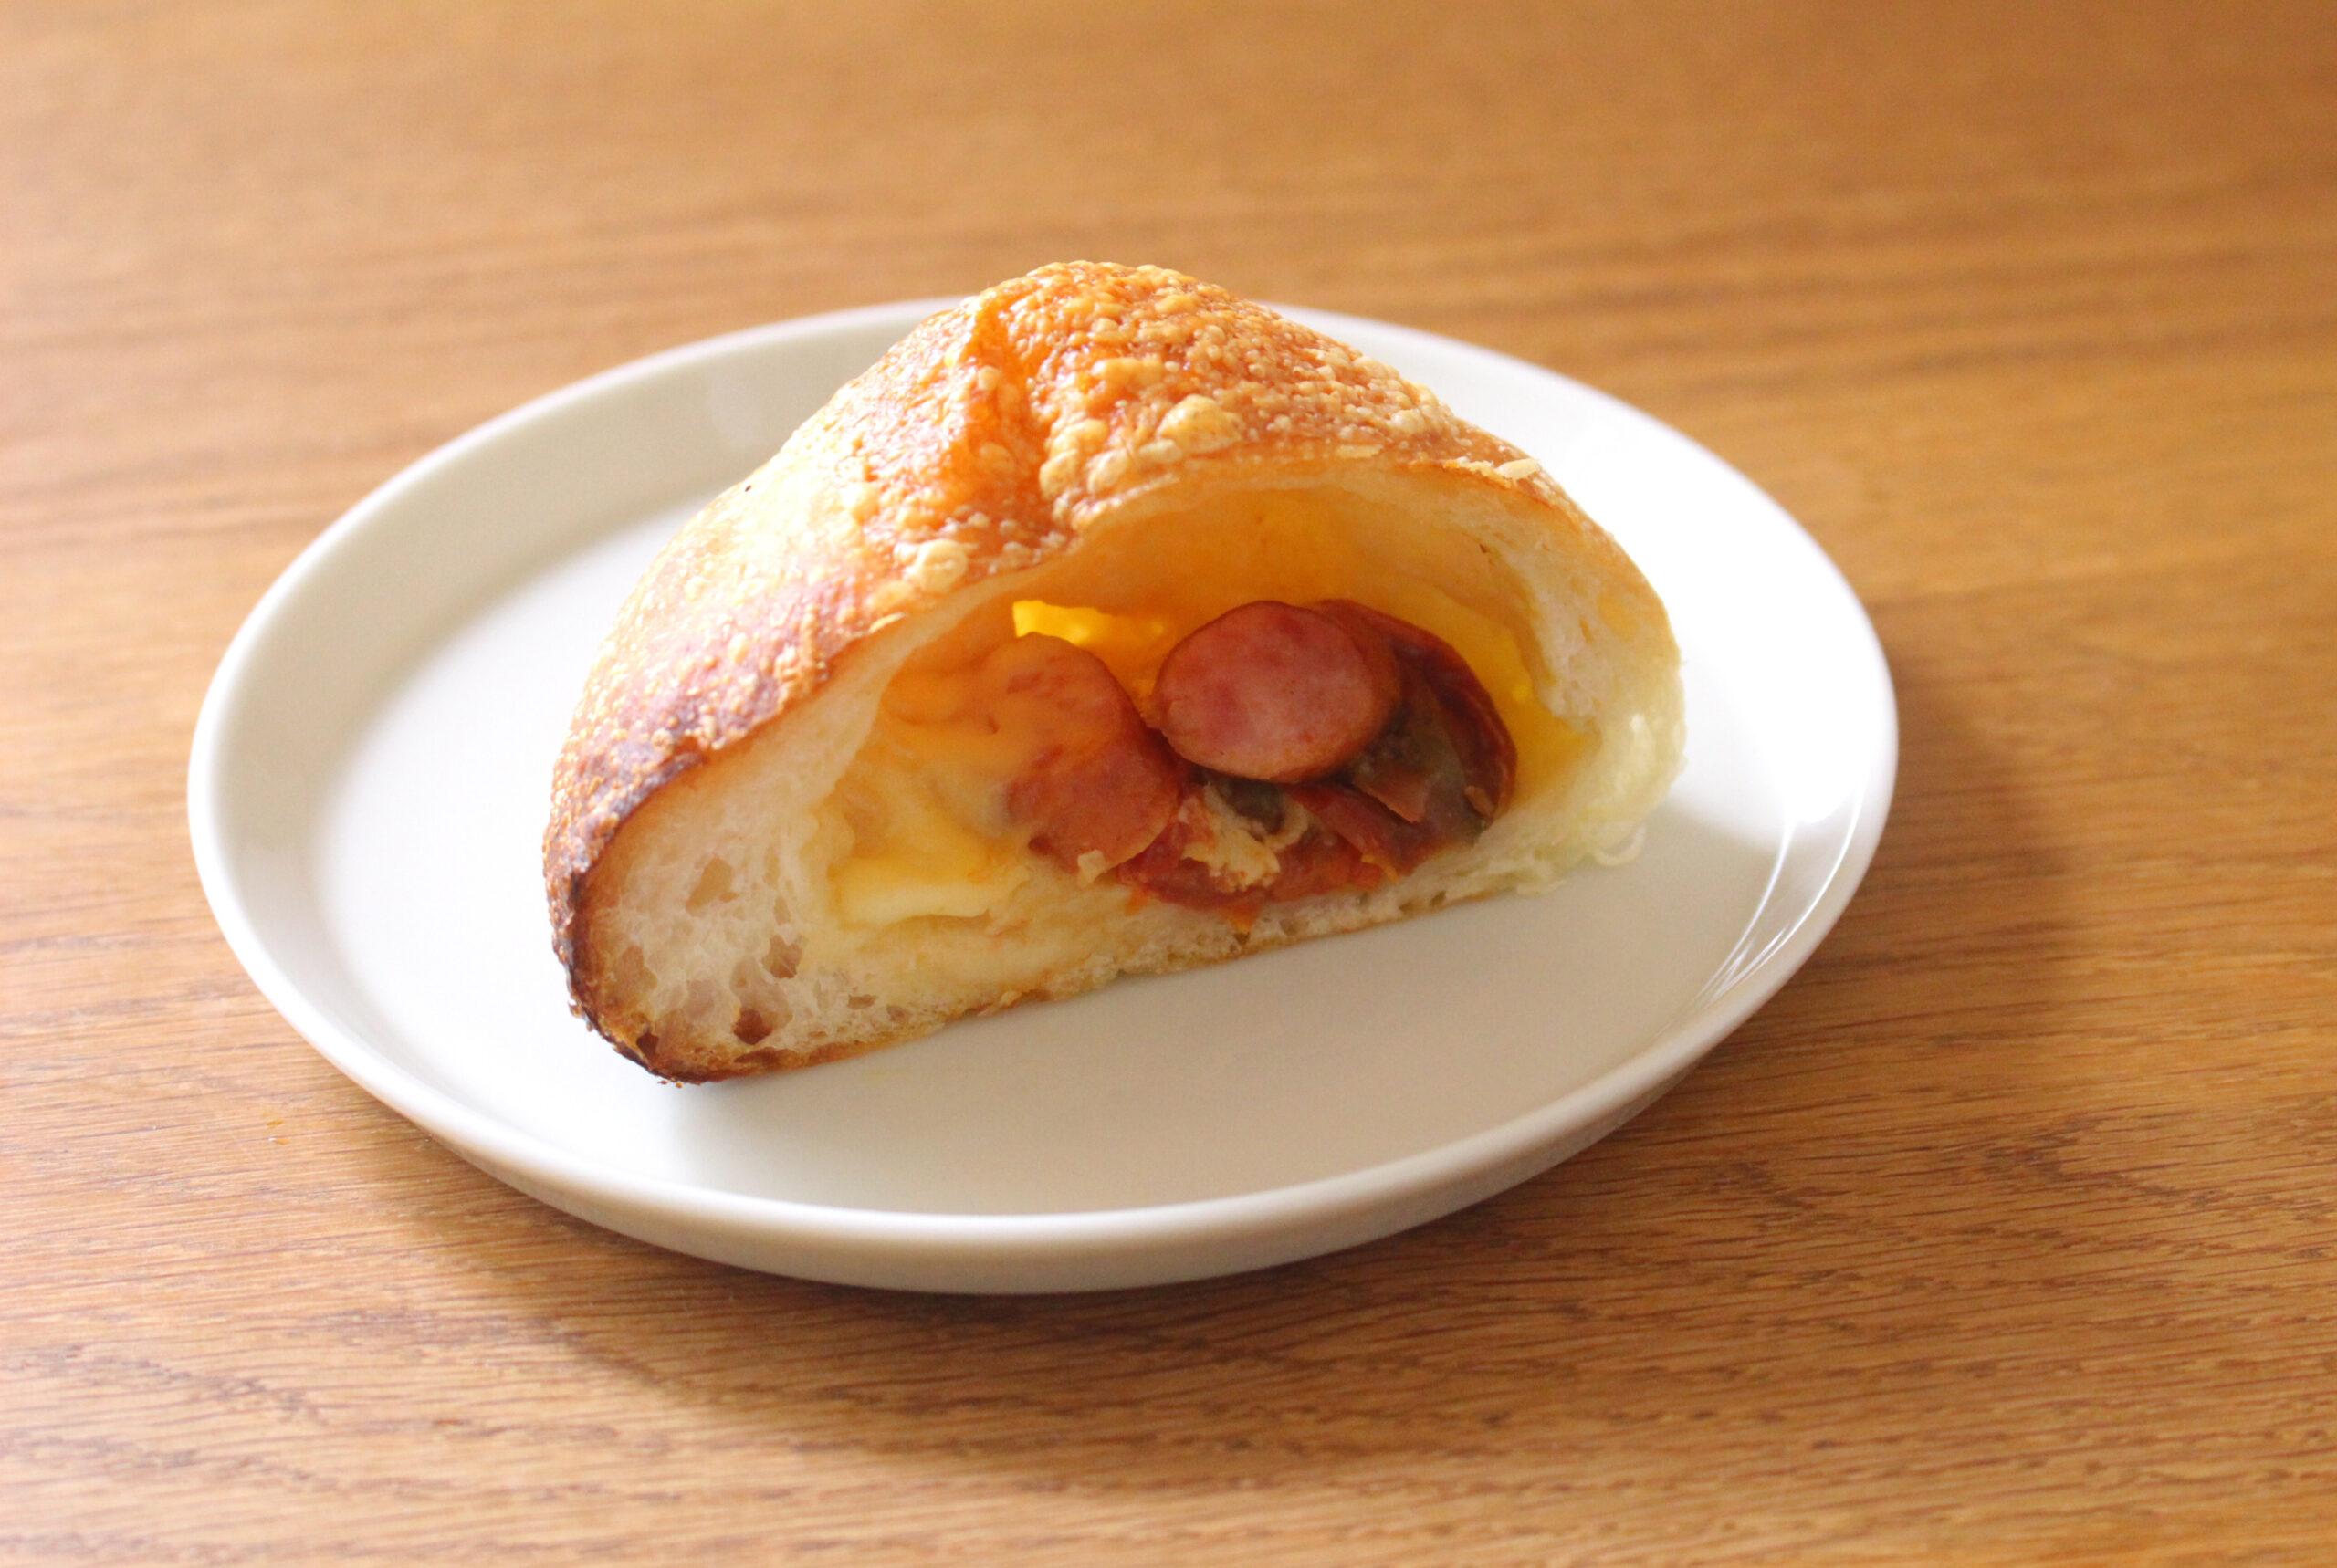 セミドライトマト、ウインナー、ゴーダチーズのパン